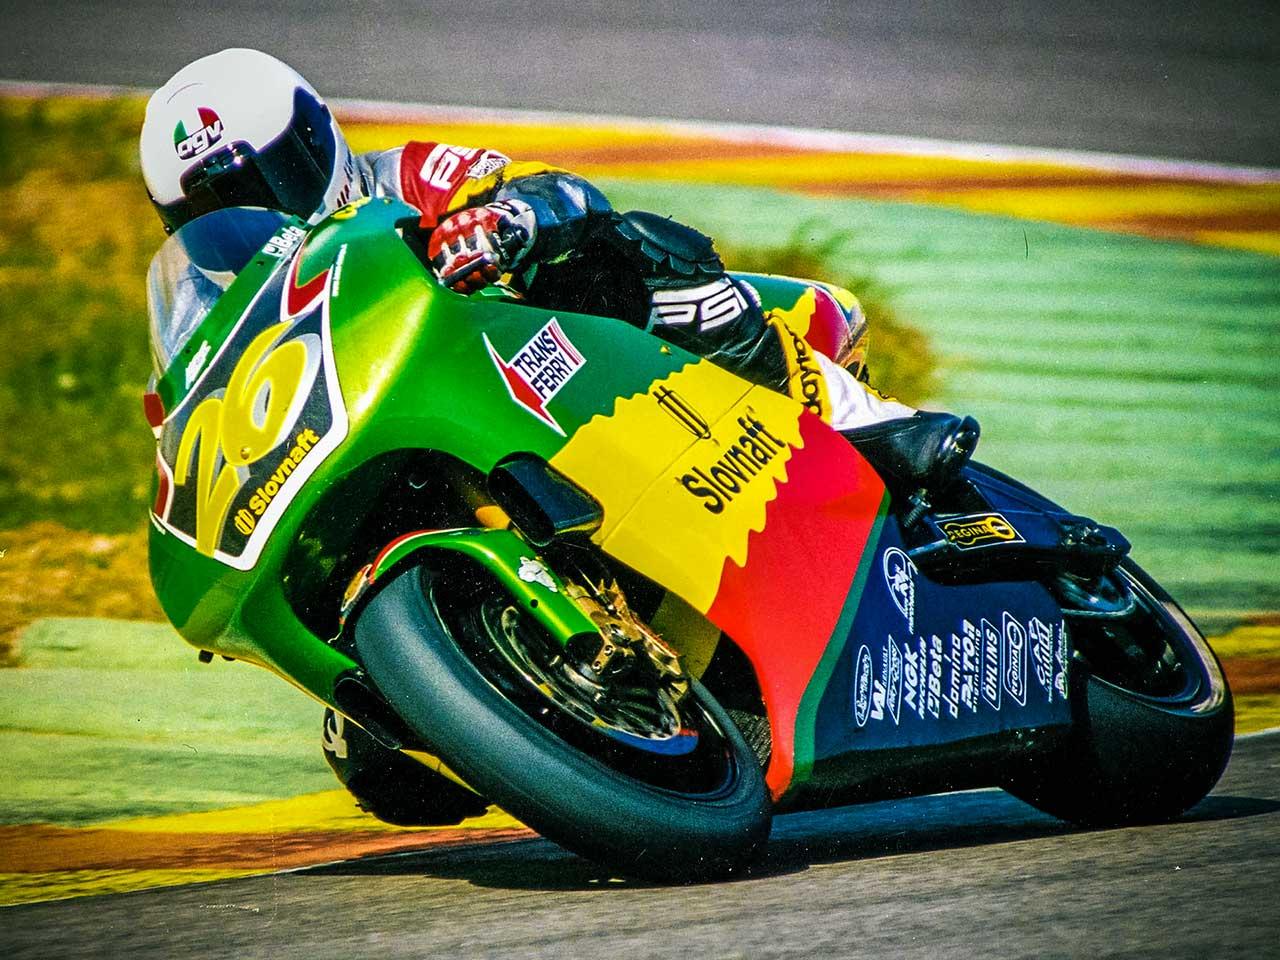 Paton_Storia-Anni2000_Test-Irta-a-Jerez_2001